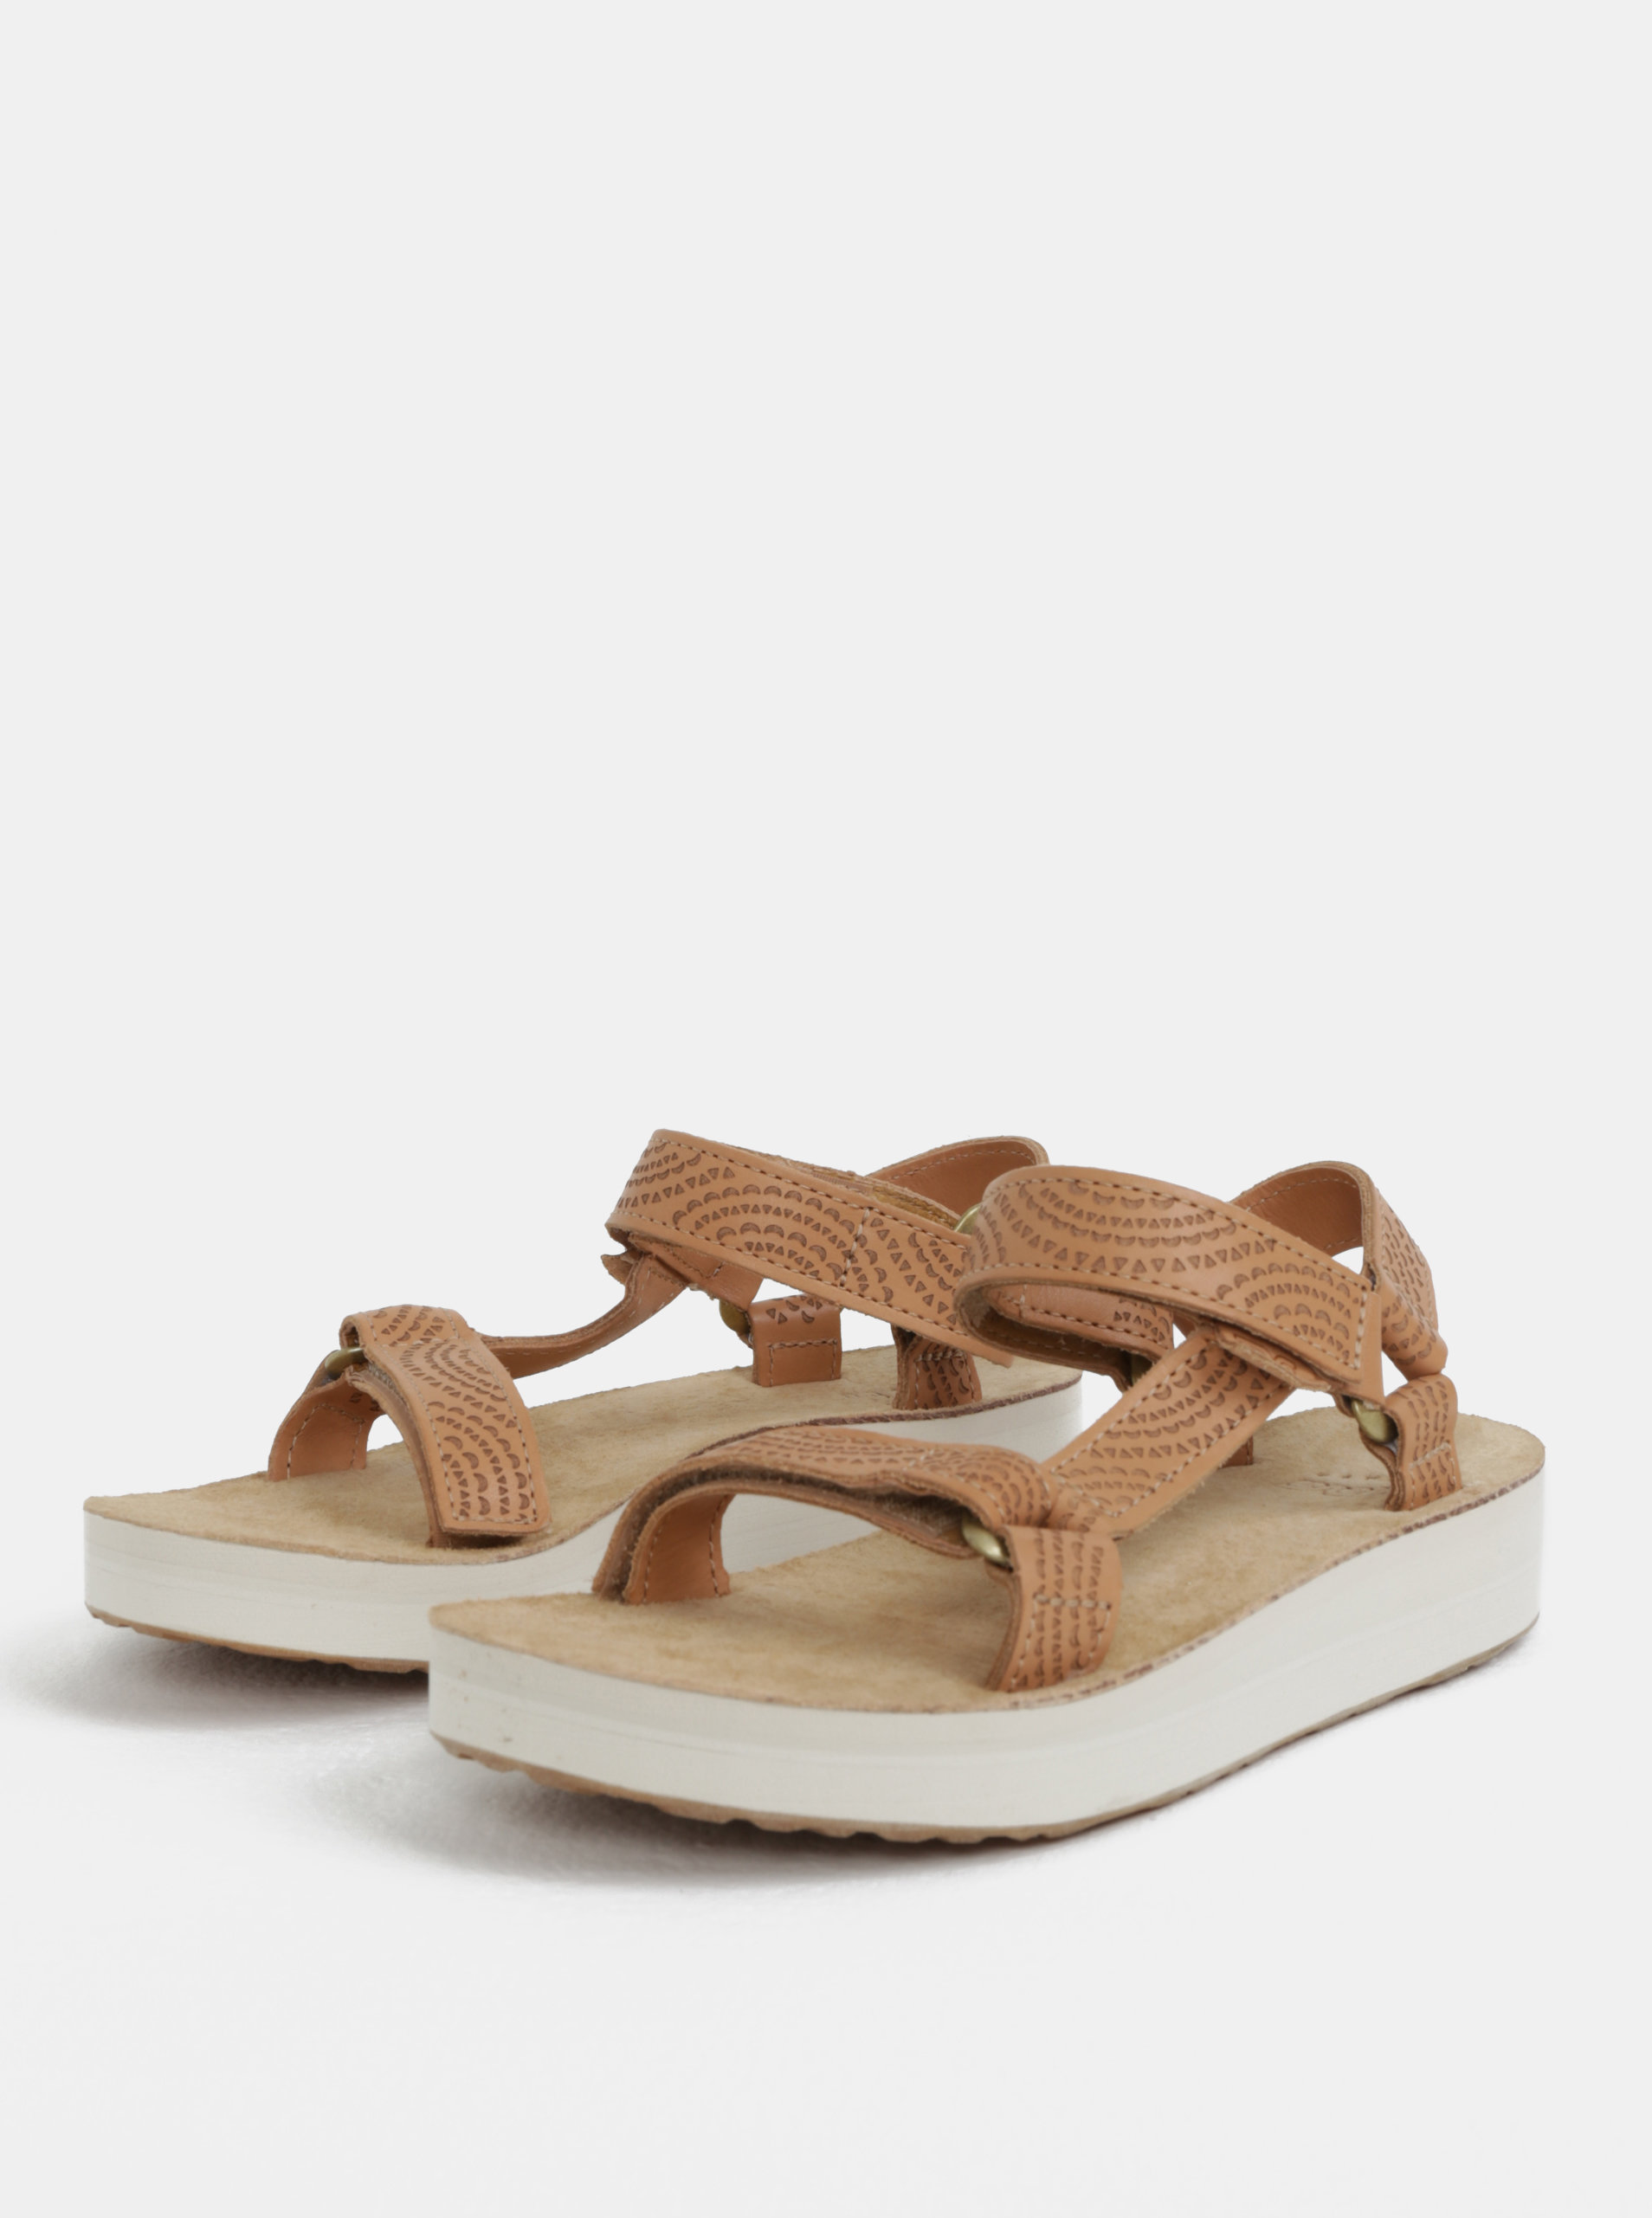 Světle hnědé dámské kožené vzorované sandály na platformě Teva ... add39bb834